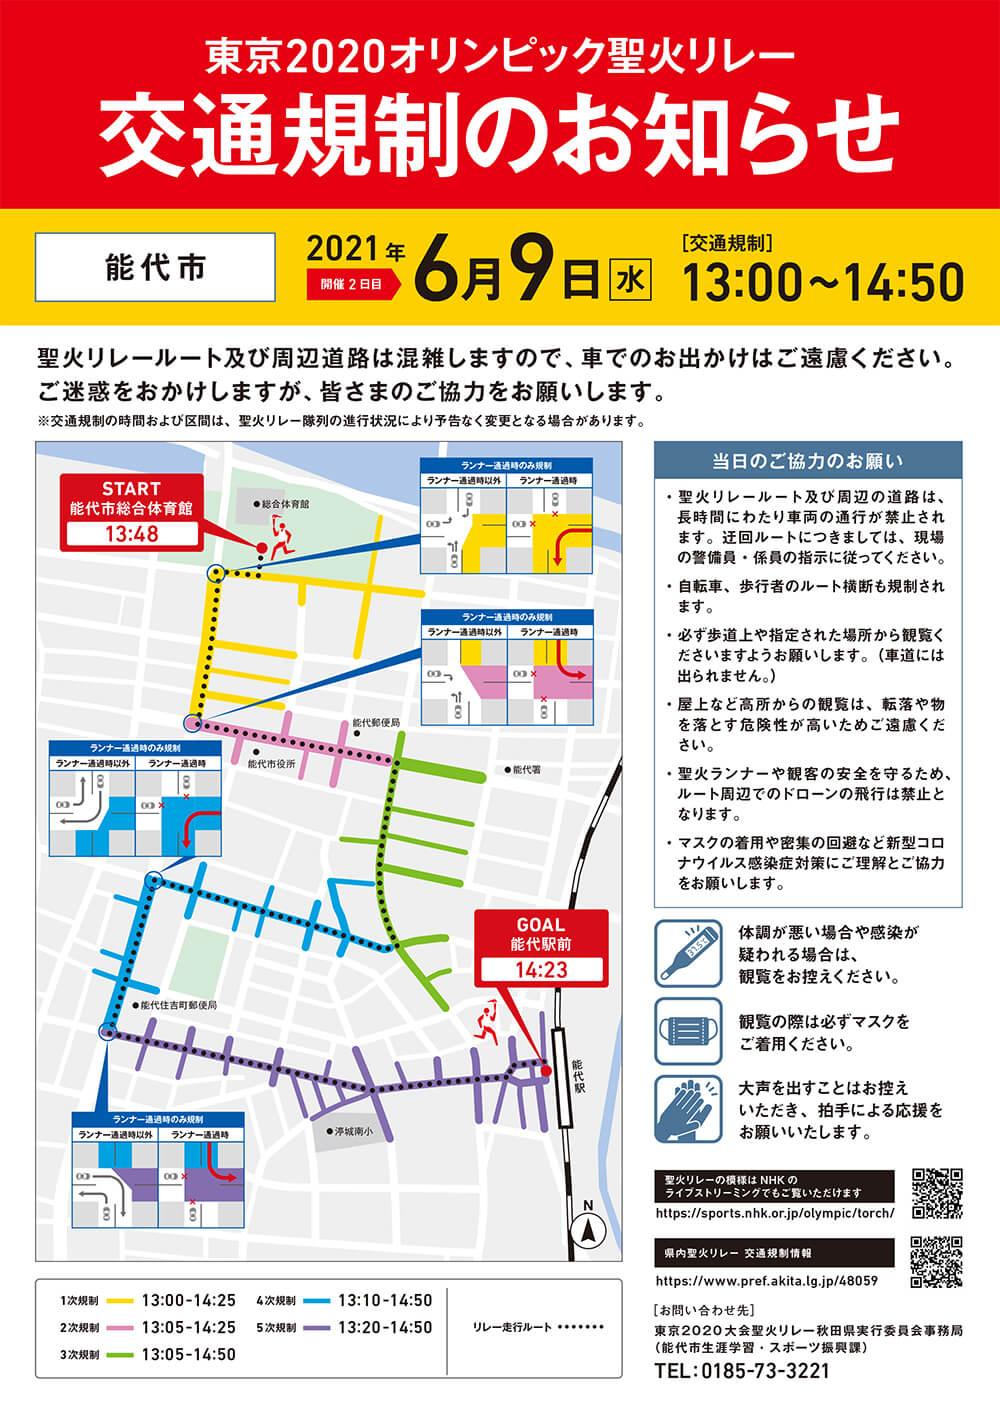 東京2020オリンピック聖火リレーの開催に伴う交通規制のお知らせ